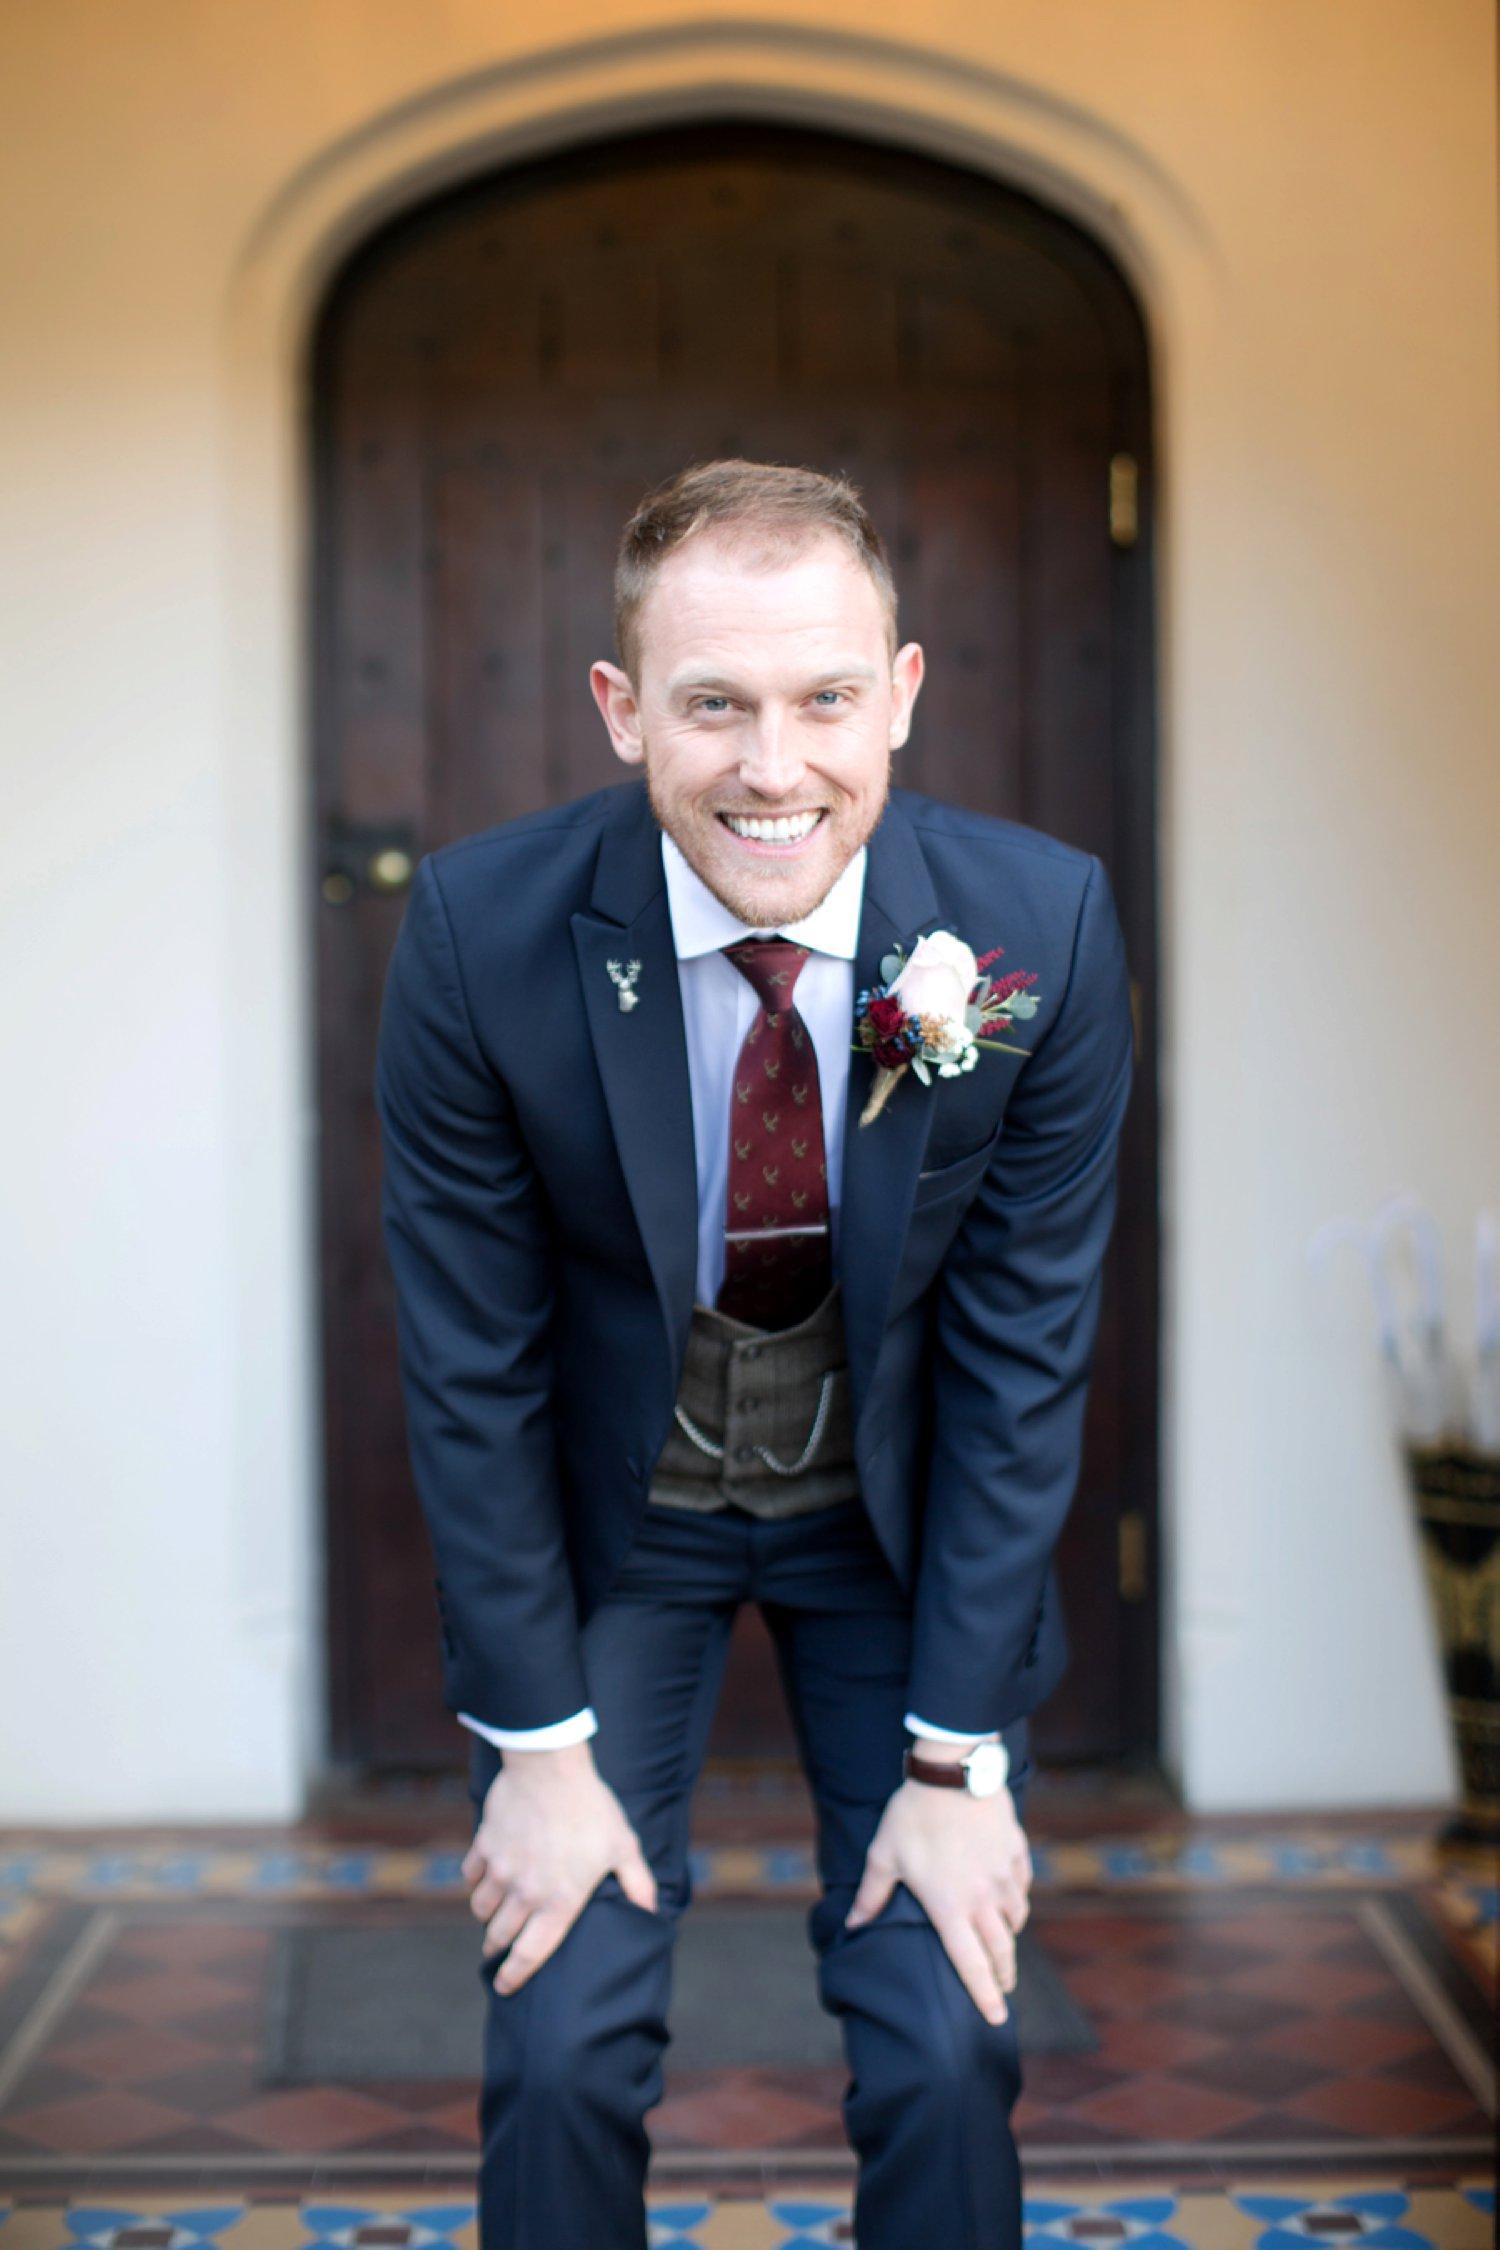 groom dressed